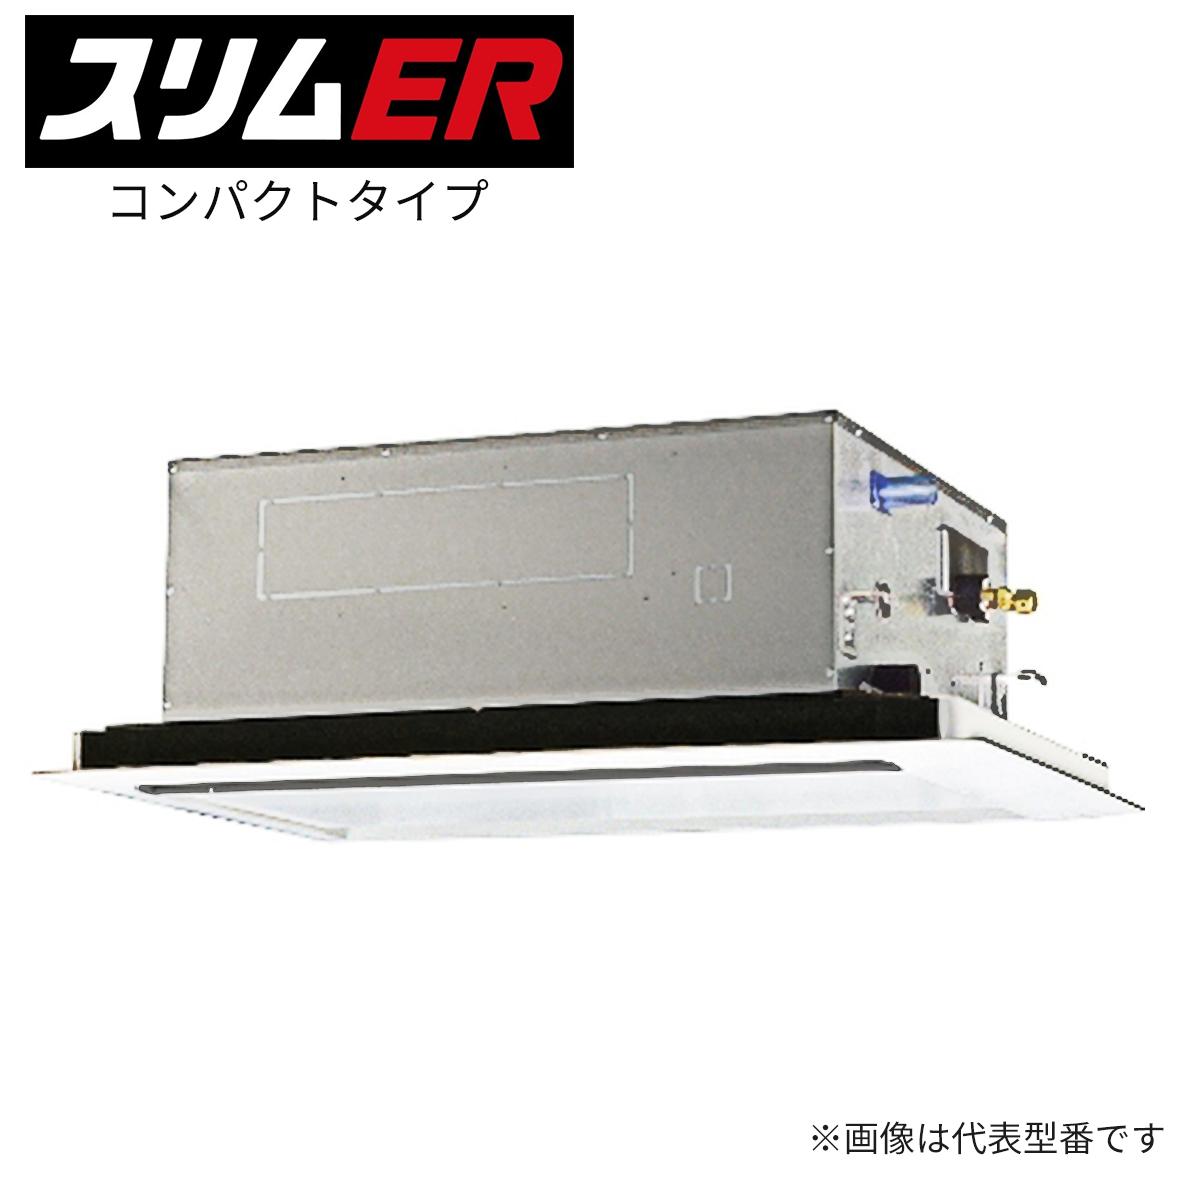 ###三菱 業務用エアコン【PLZ-ERMP160LT】スリムER コンパクトタイプ 2方向天井カセット形 標準シングル 三相200V 6馬力